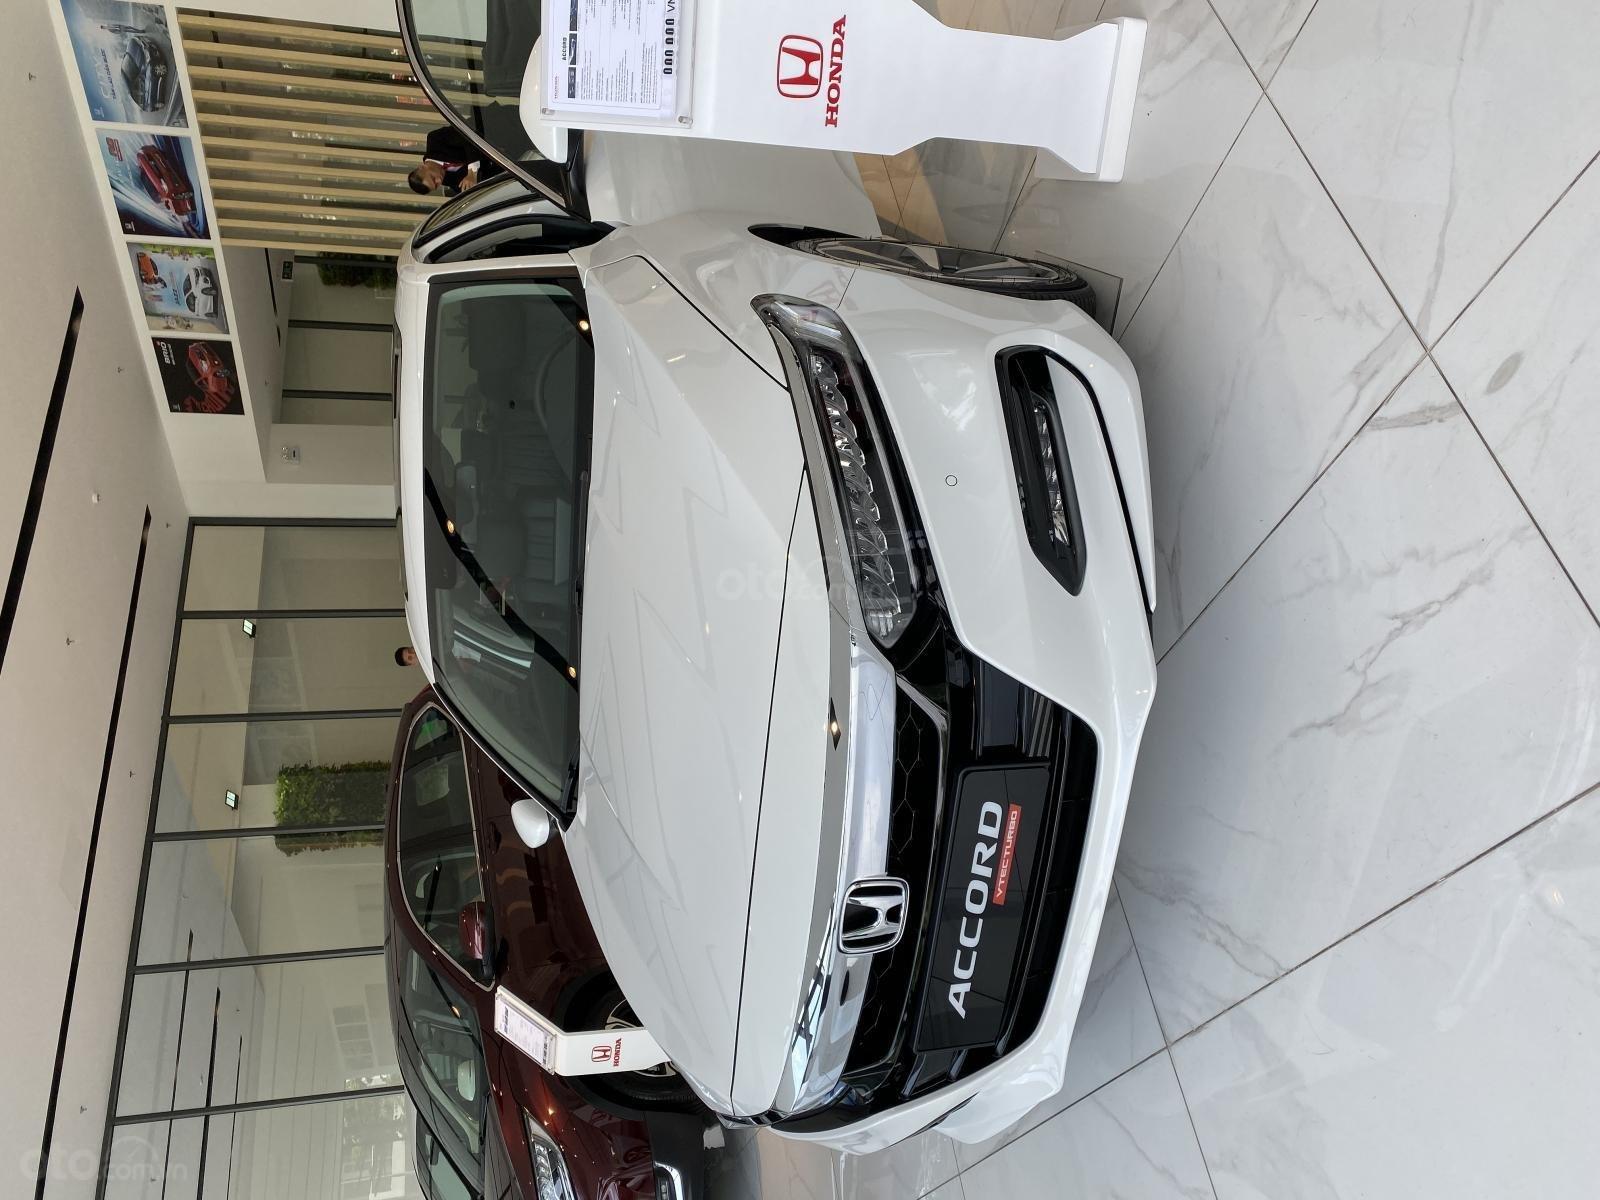 Honda Accord 2019 giá tốt nhất, Hotline: 0901.364.304 Quỳnh Khuyên để được tư vấn nhiệt tình nhất (5)